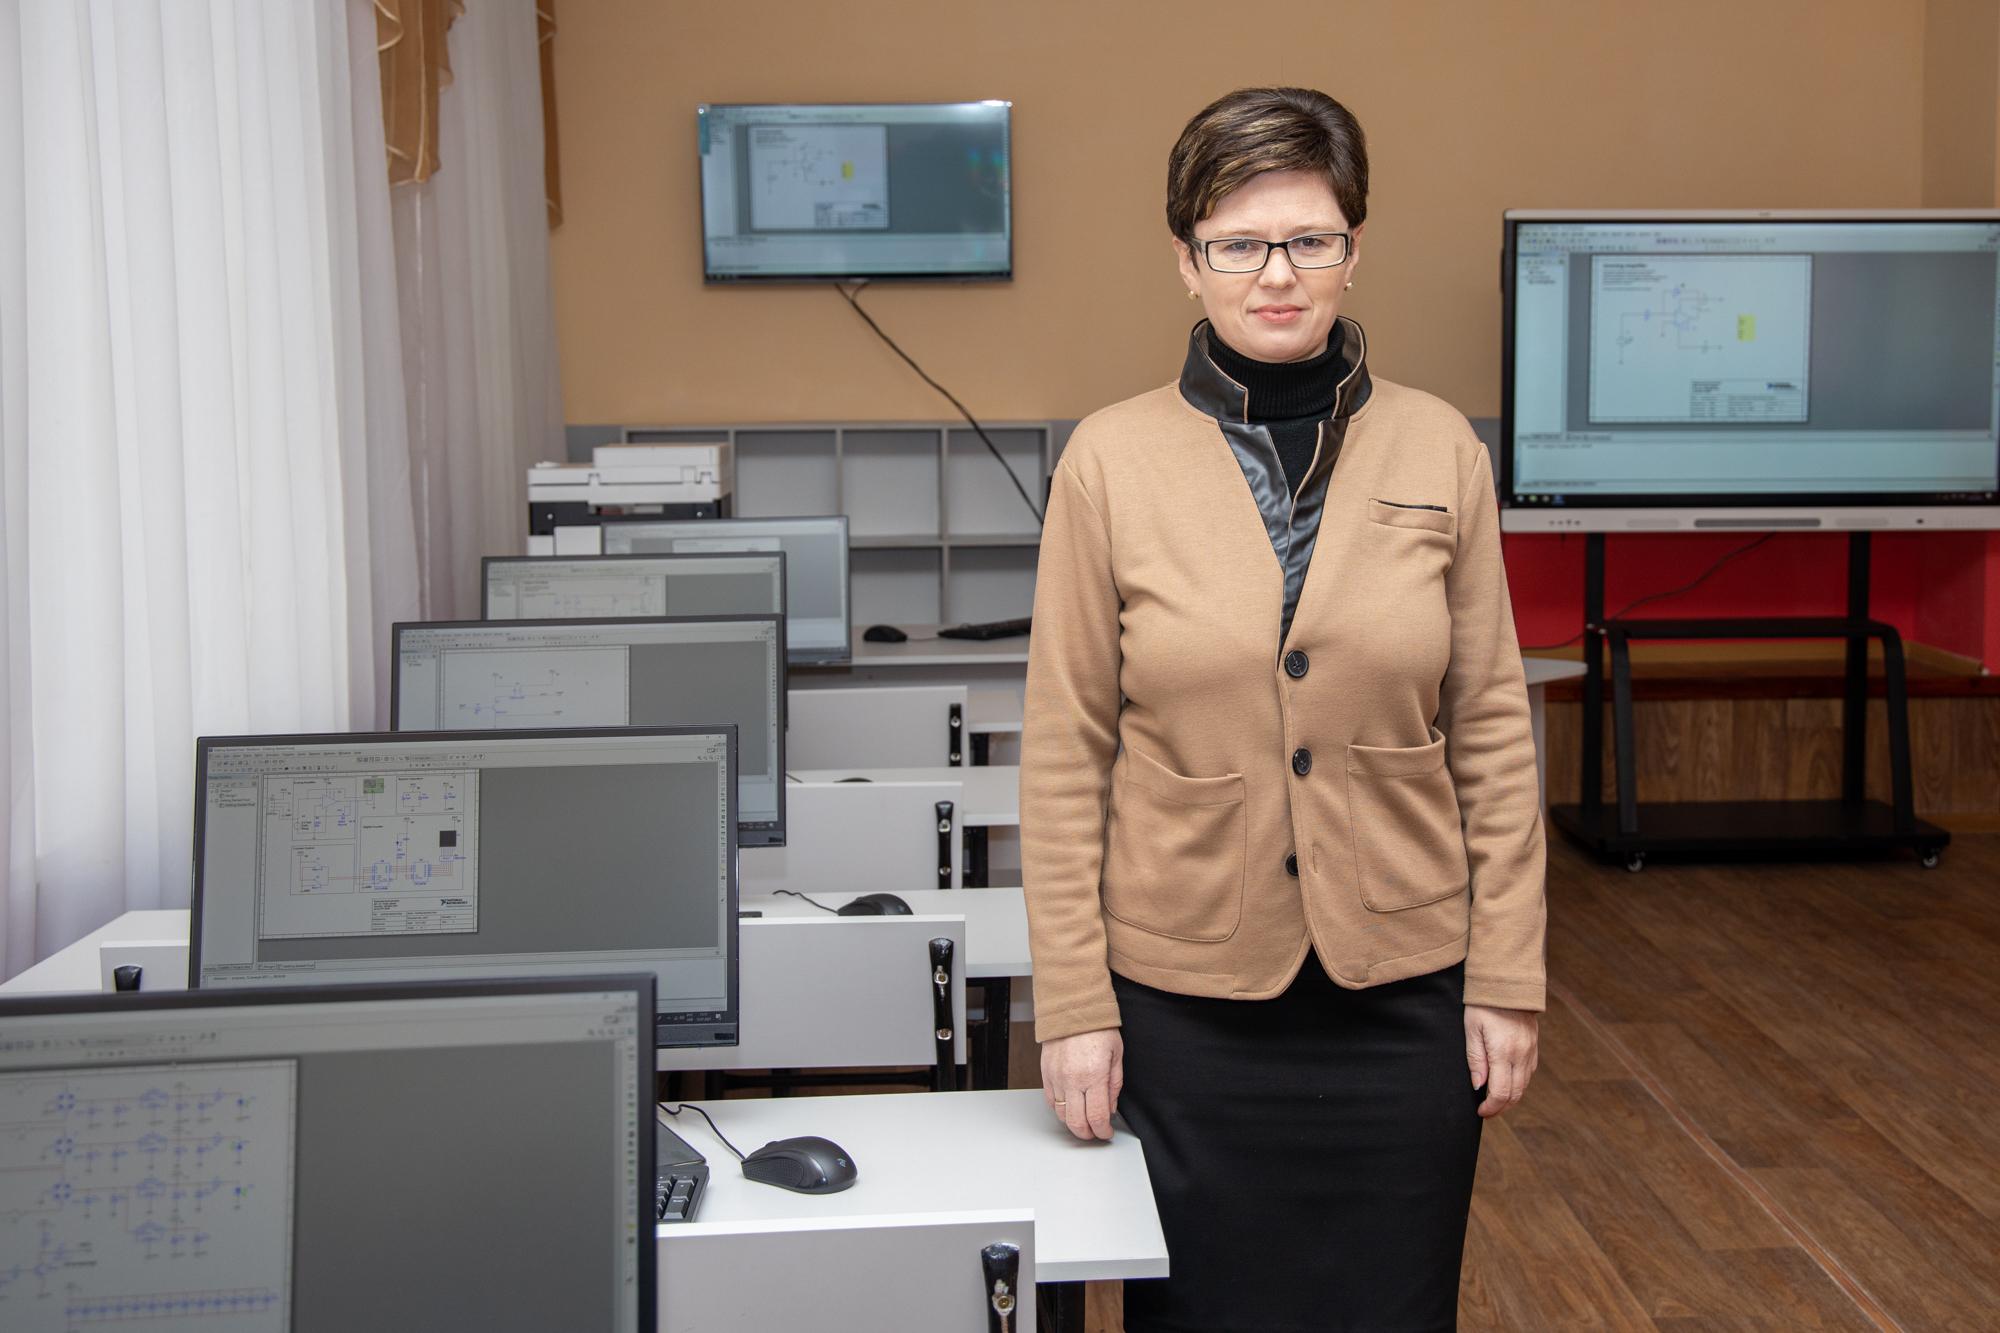 «Центр такого рівня – перший у Кривому Розі. Це новий крок у професійно-технічній освіті», – заступниця директора Криворізького гірничо-технологічного ліцею Тетяна Стойчик.